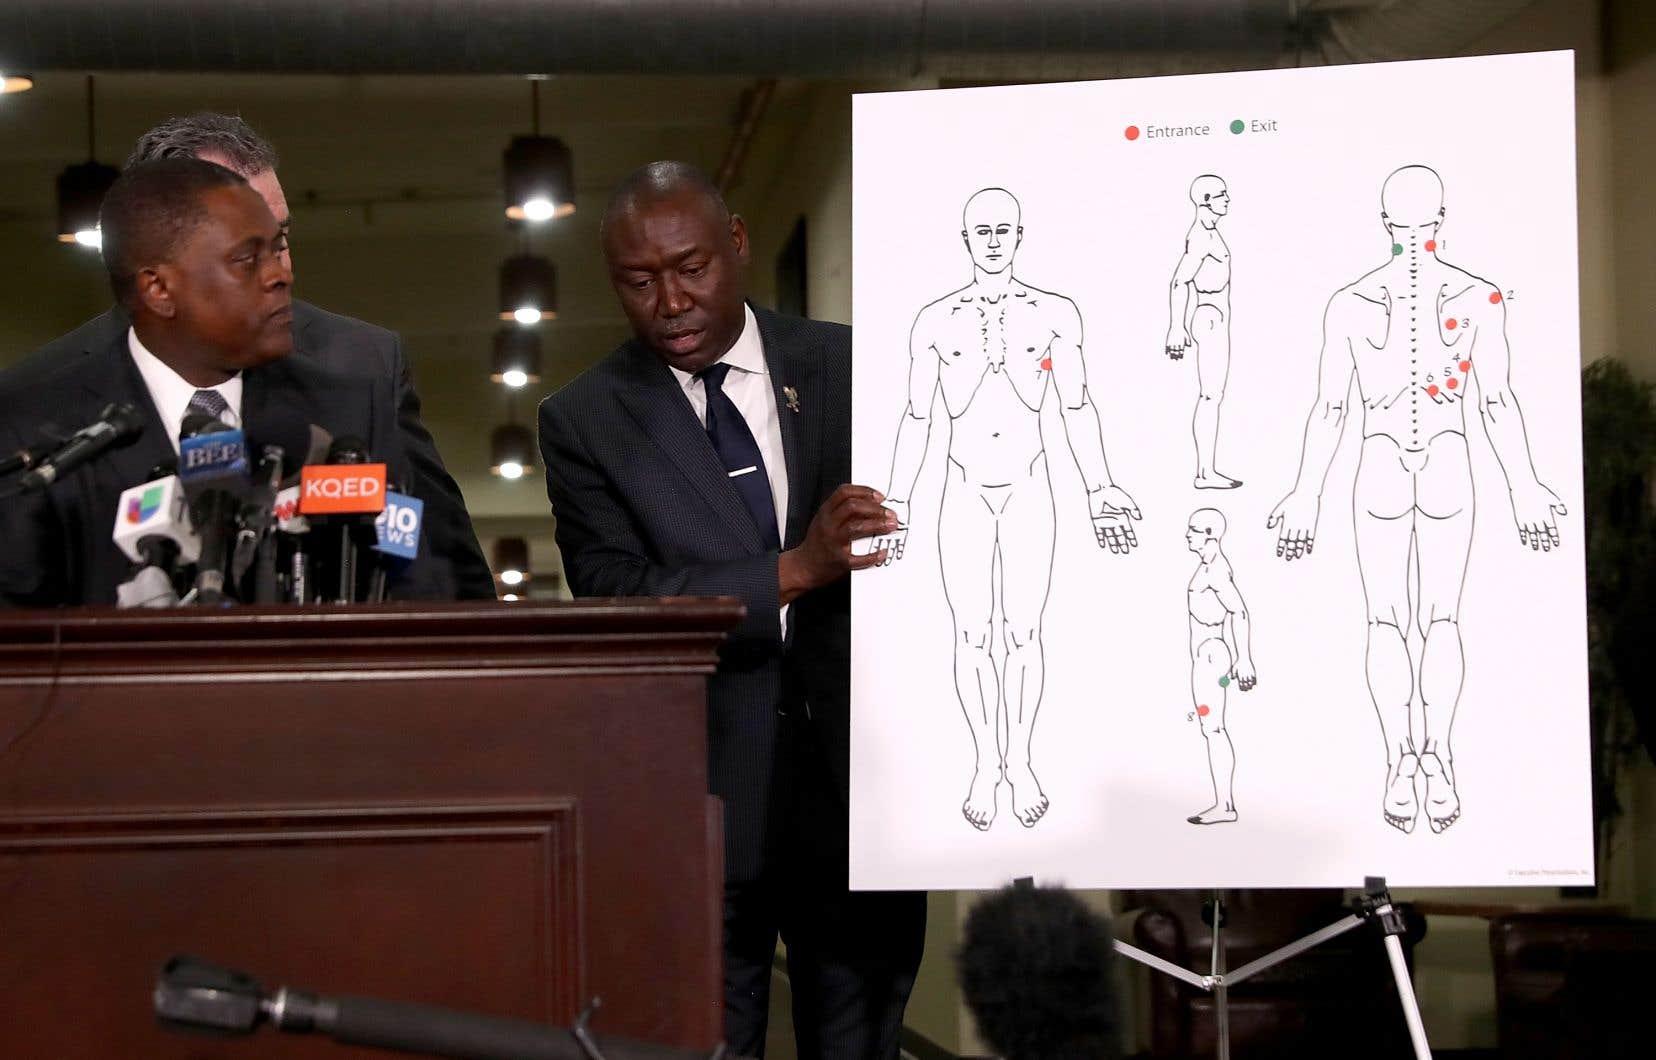 L'avocat Benjamin Crump tient un diagramme montrant les blessures par balles de Stephon Clark lors d'une conférence de presse au Southside Christian Center à Sacramento, en Californie.